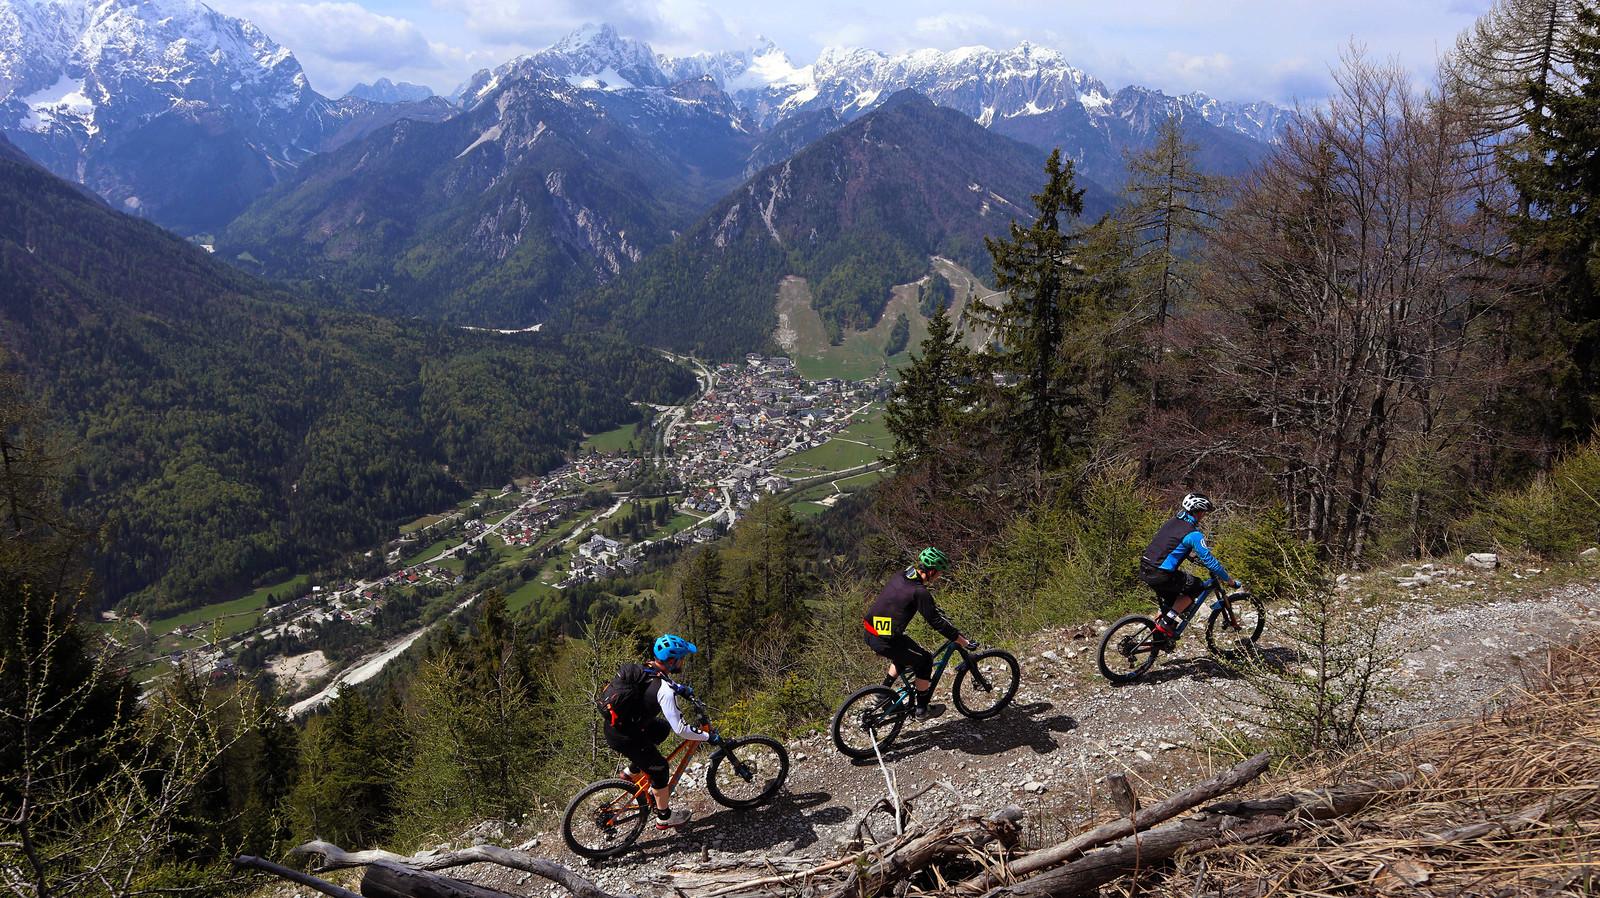 KG Bike foto Porson media 02 - porson - Mountain Biking Pictures - Vital MTB